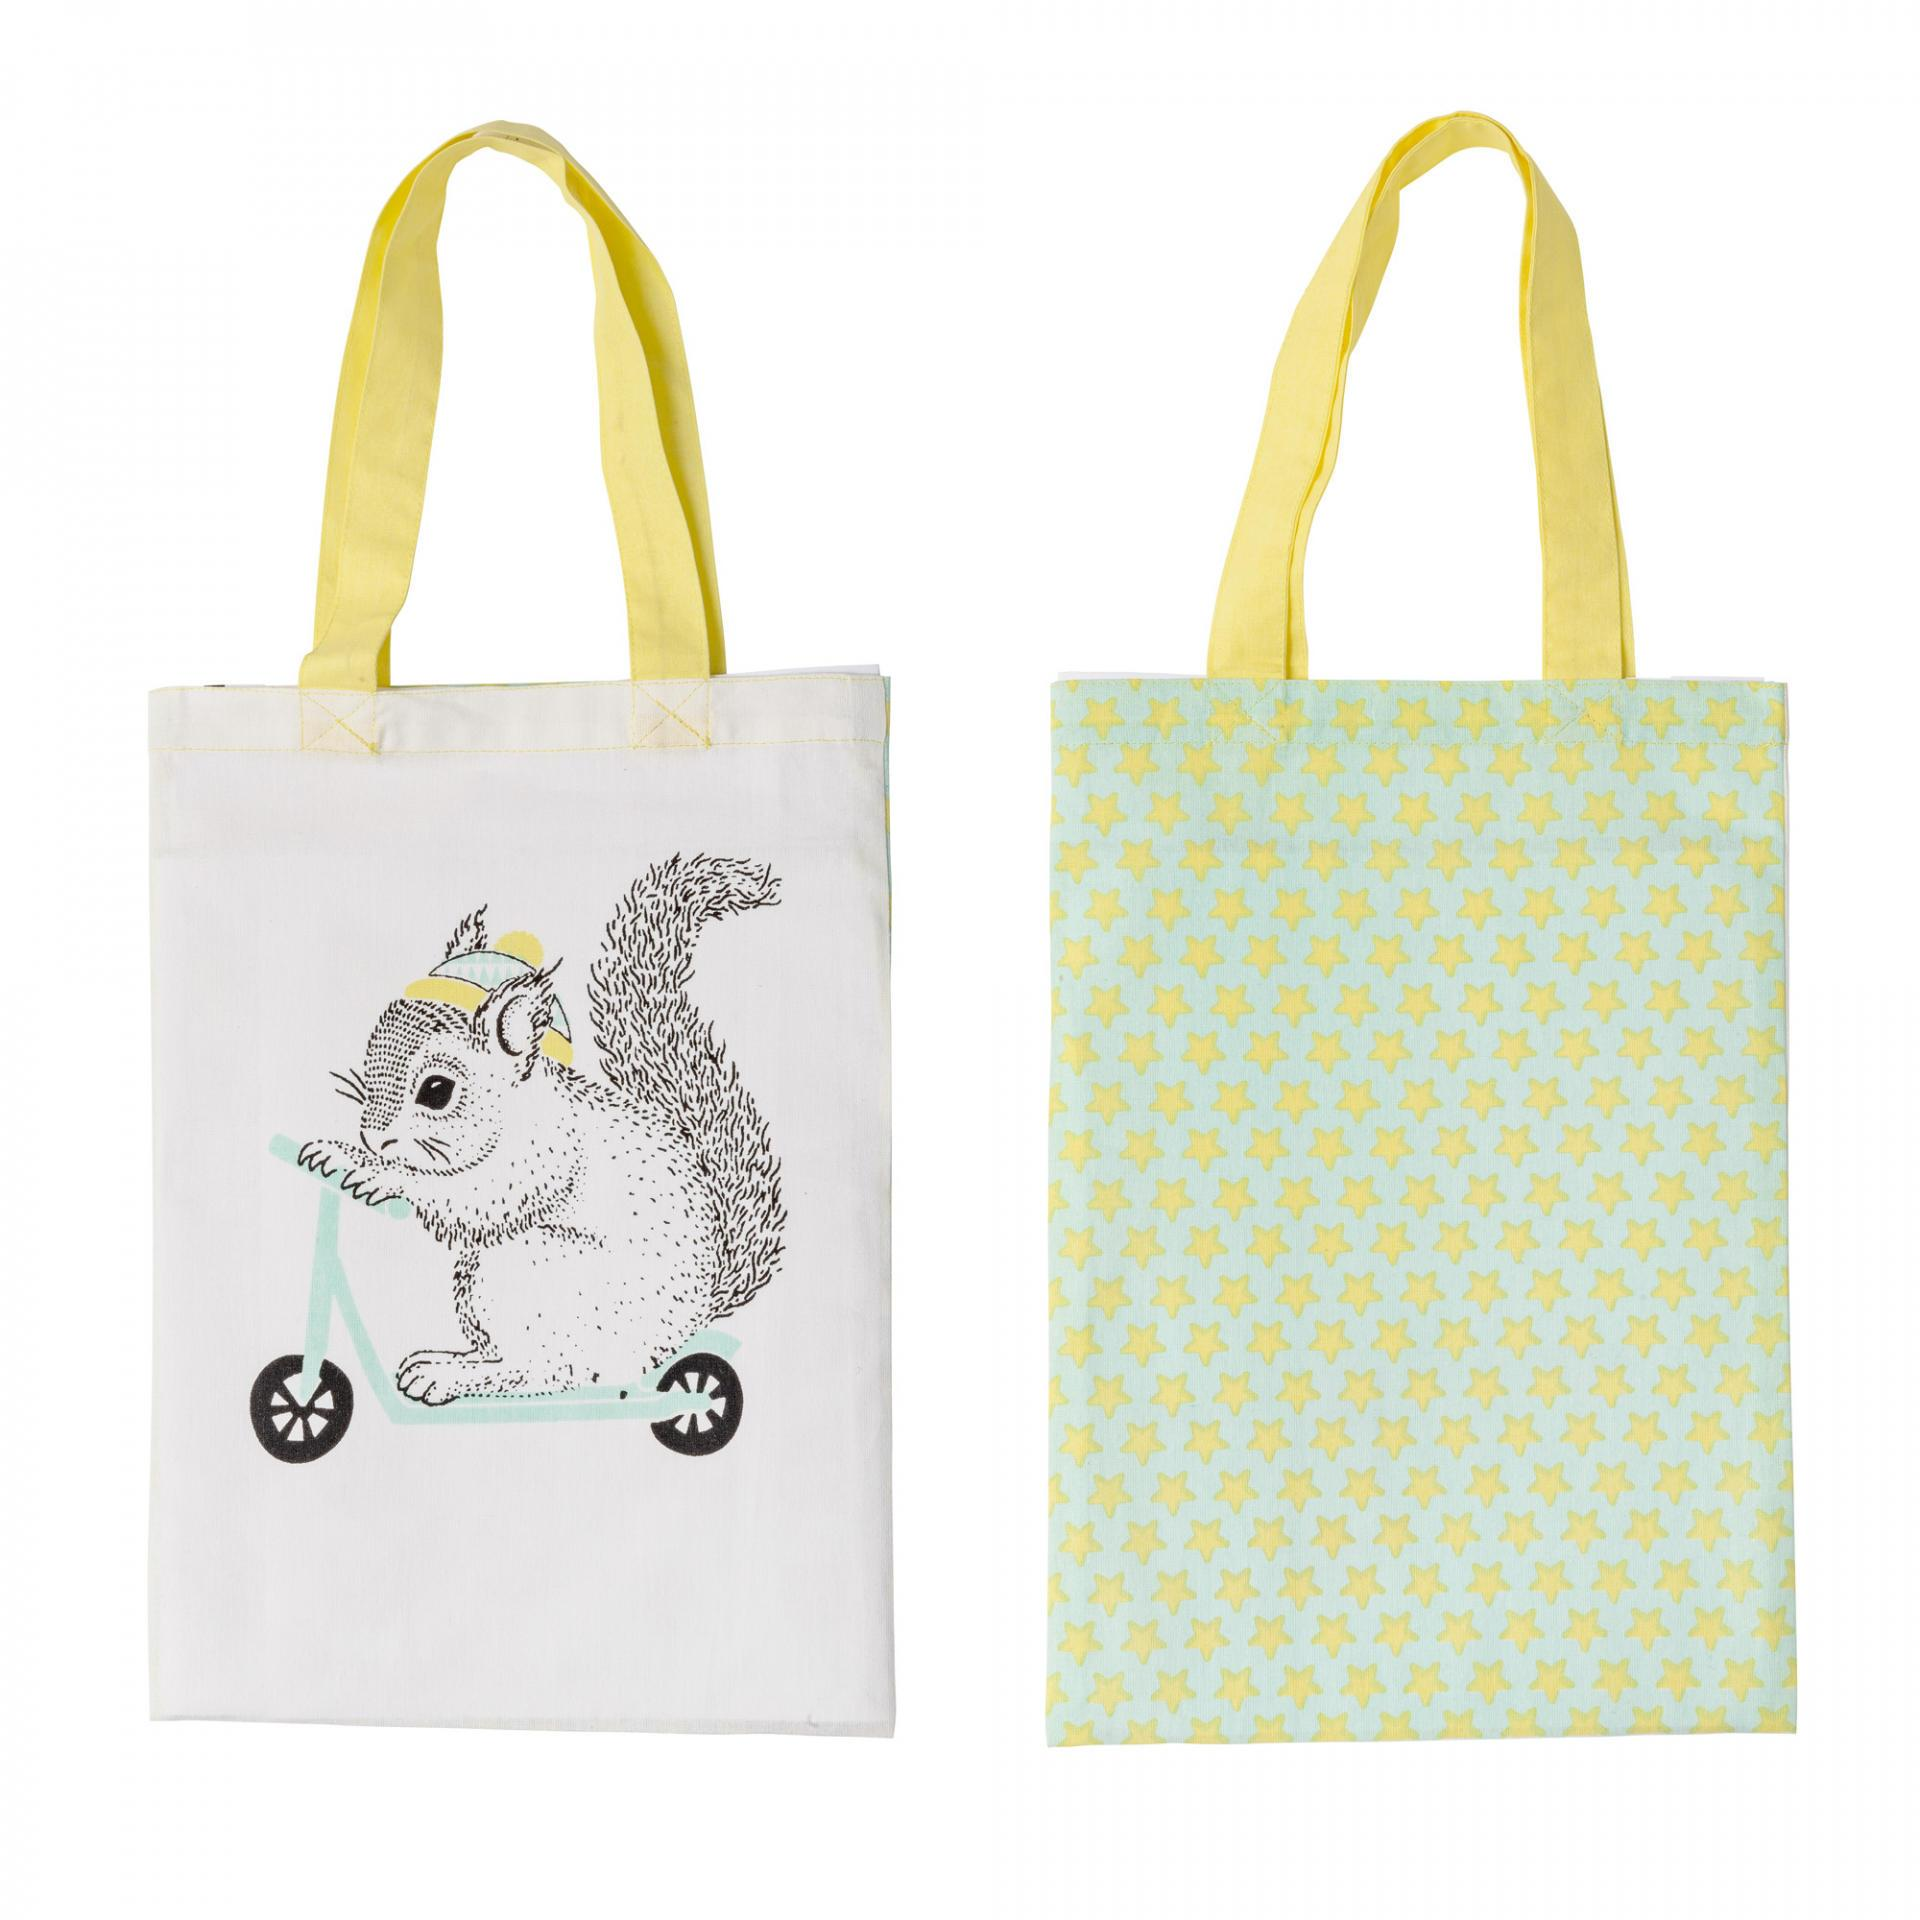 Bloomingville Dětská plátěná taška Squirrel, zelená barva, žlutá barva, textil